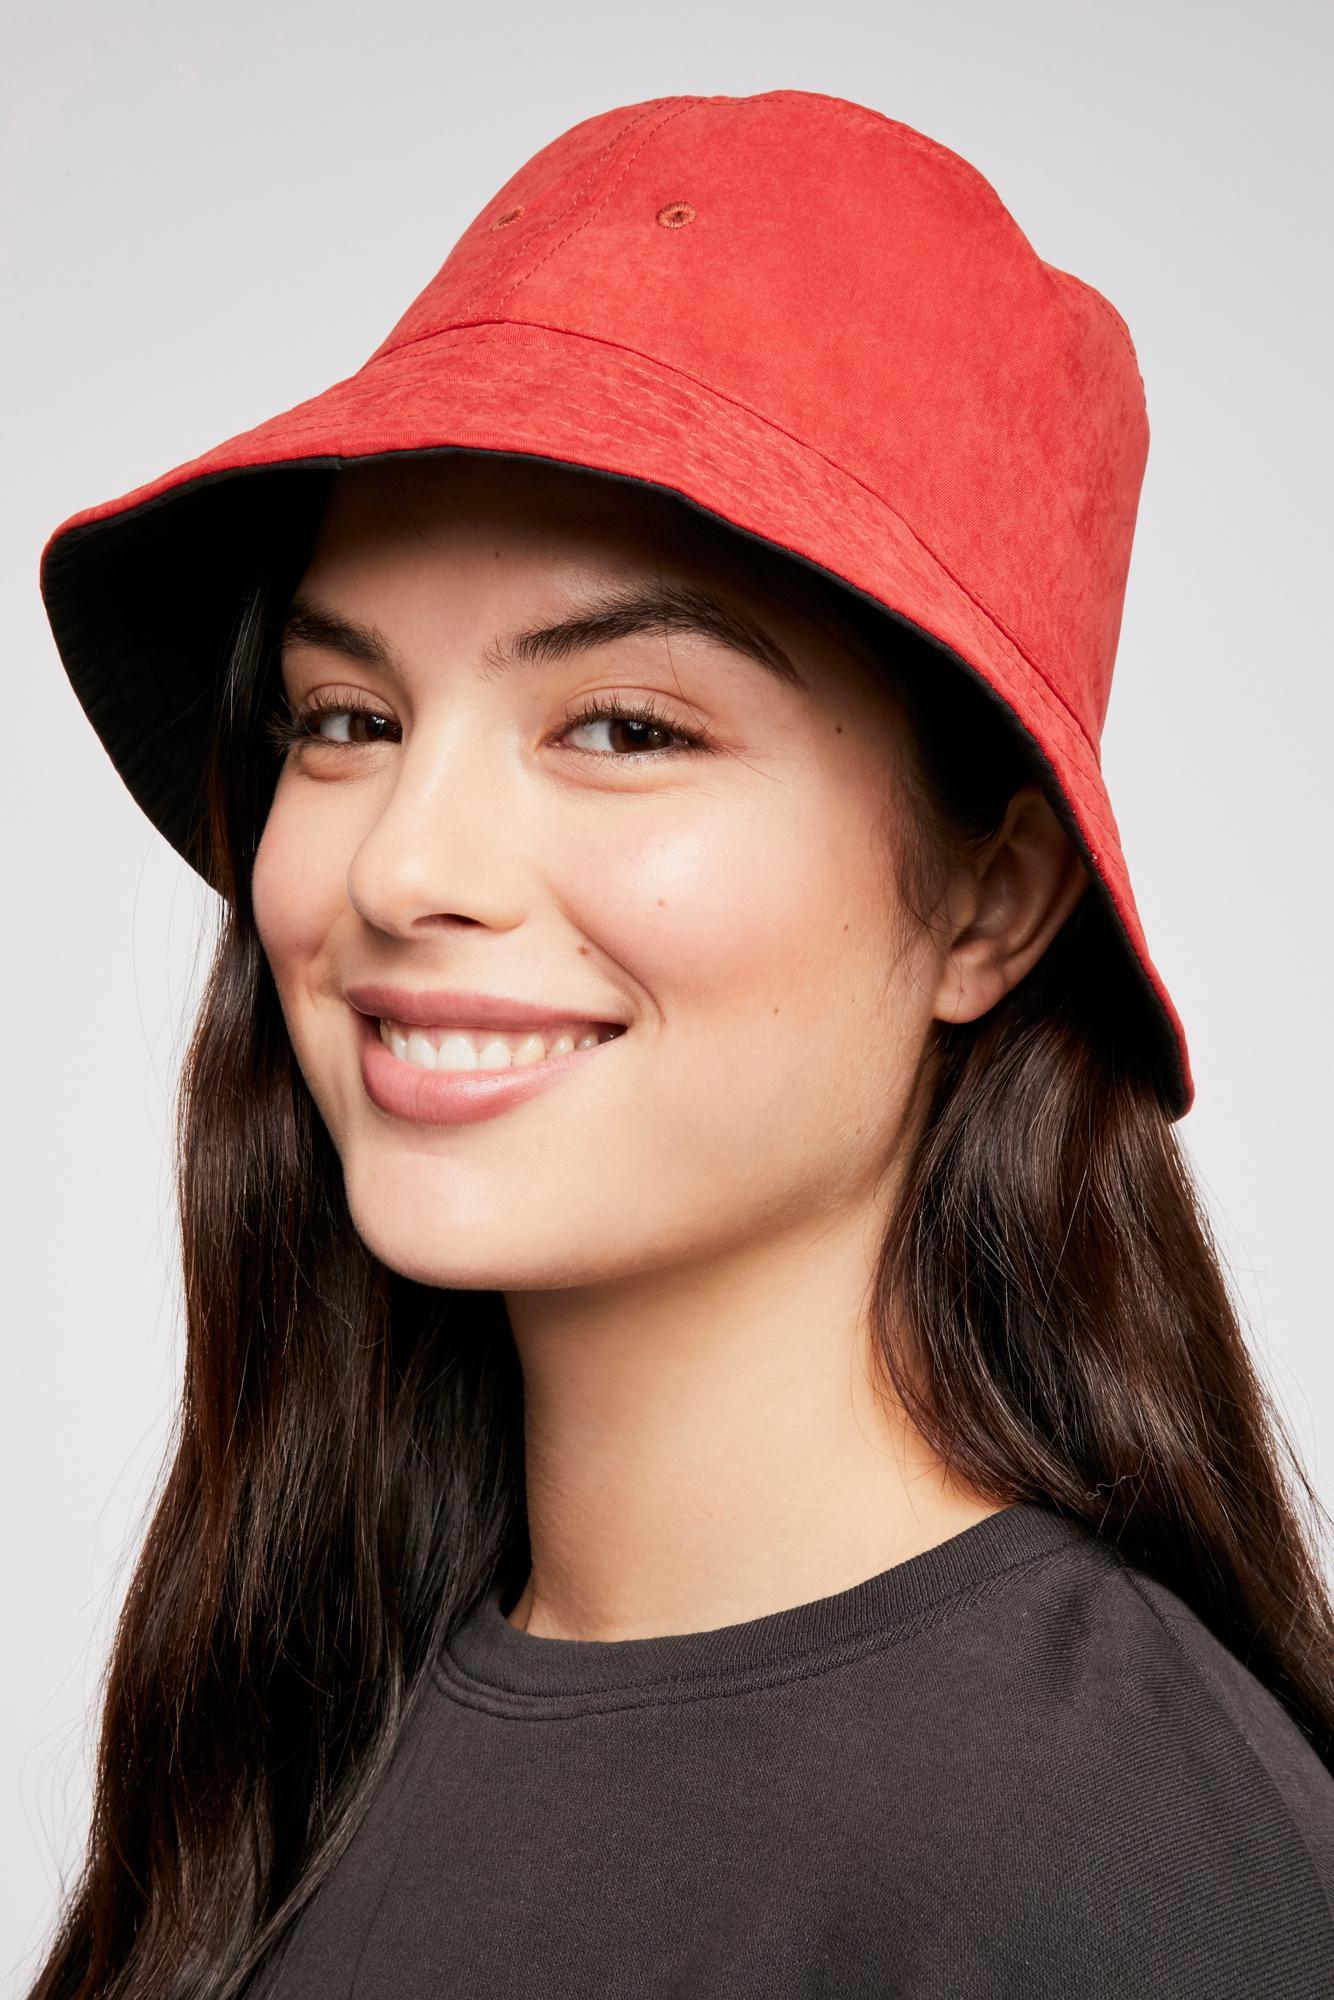 cce91051eae Lyst free people josie reversible bucket hat in black jpg 1334x2000 Josie  hat